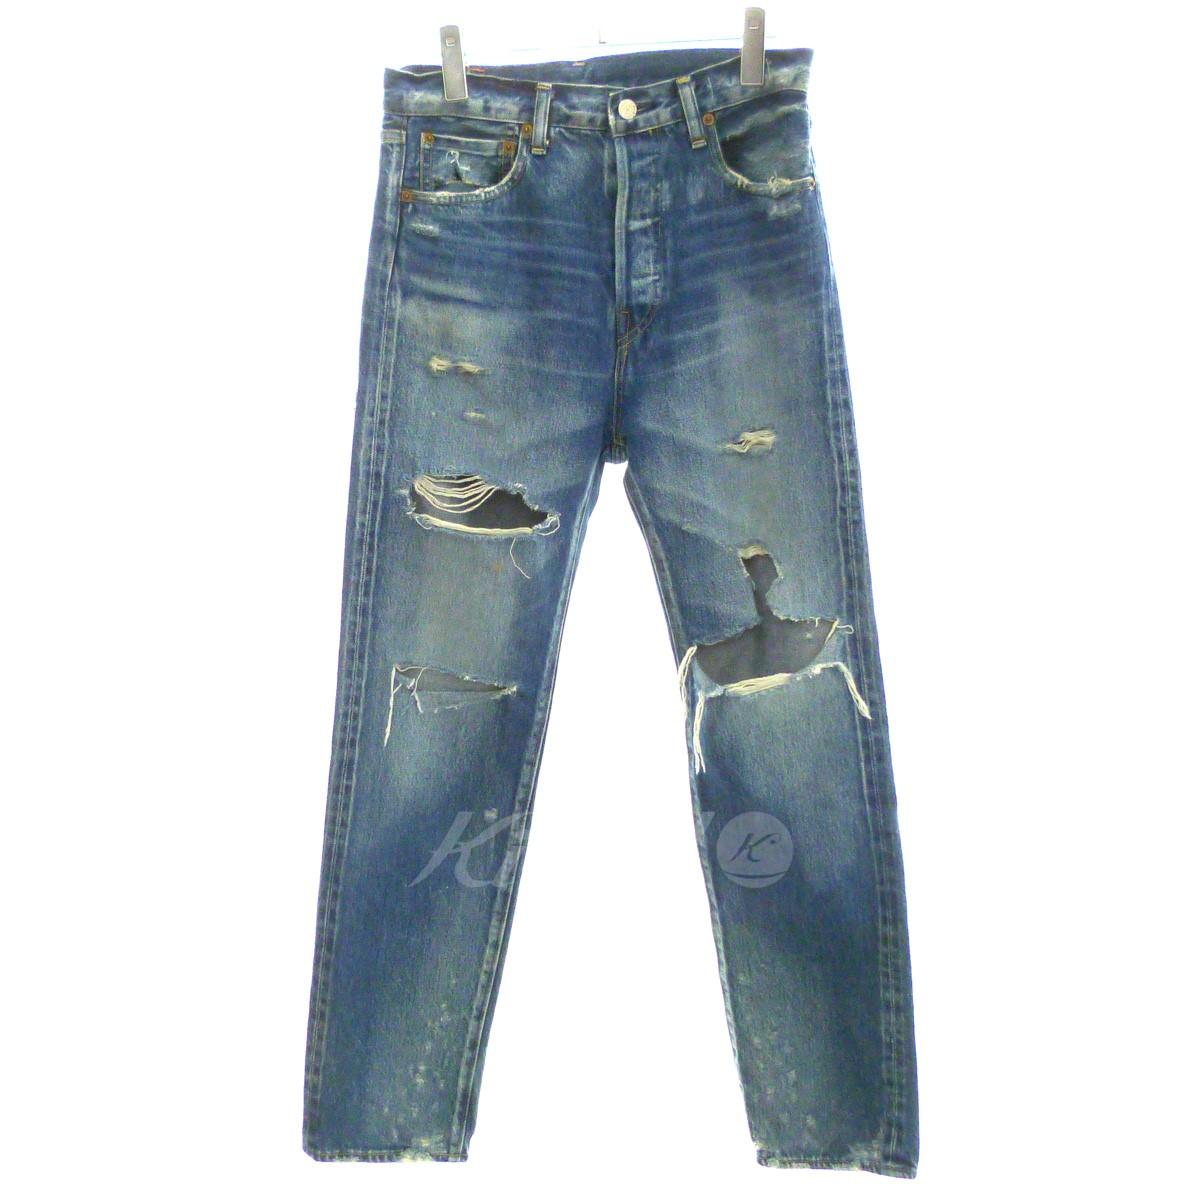 【中古】H BEAUTY&YOUTH 「DISTRESSED DENIM 5P PANTS」ダメージ加工デニムパンツ 【送料無料】 【147002】 【KIND1550】